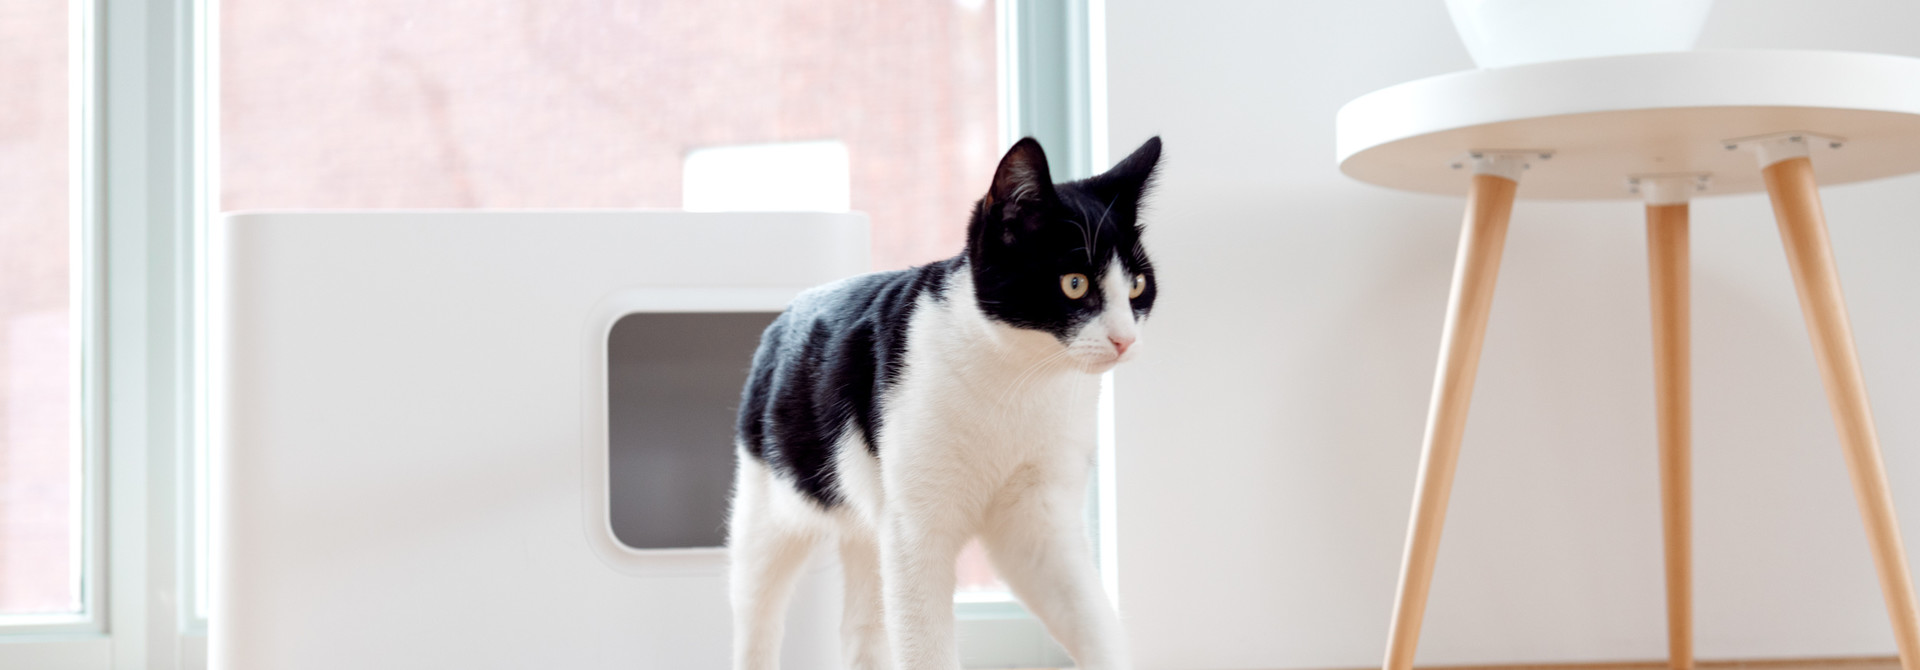 Hvordan forhindrer du spredning av kattesand?